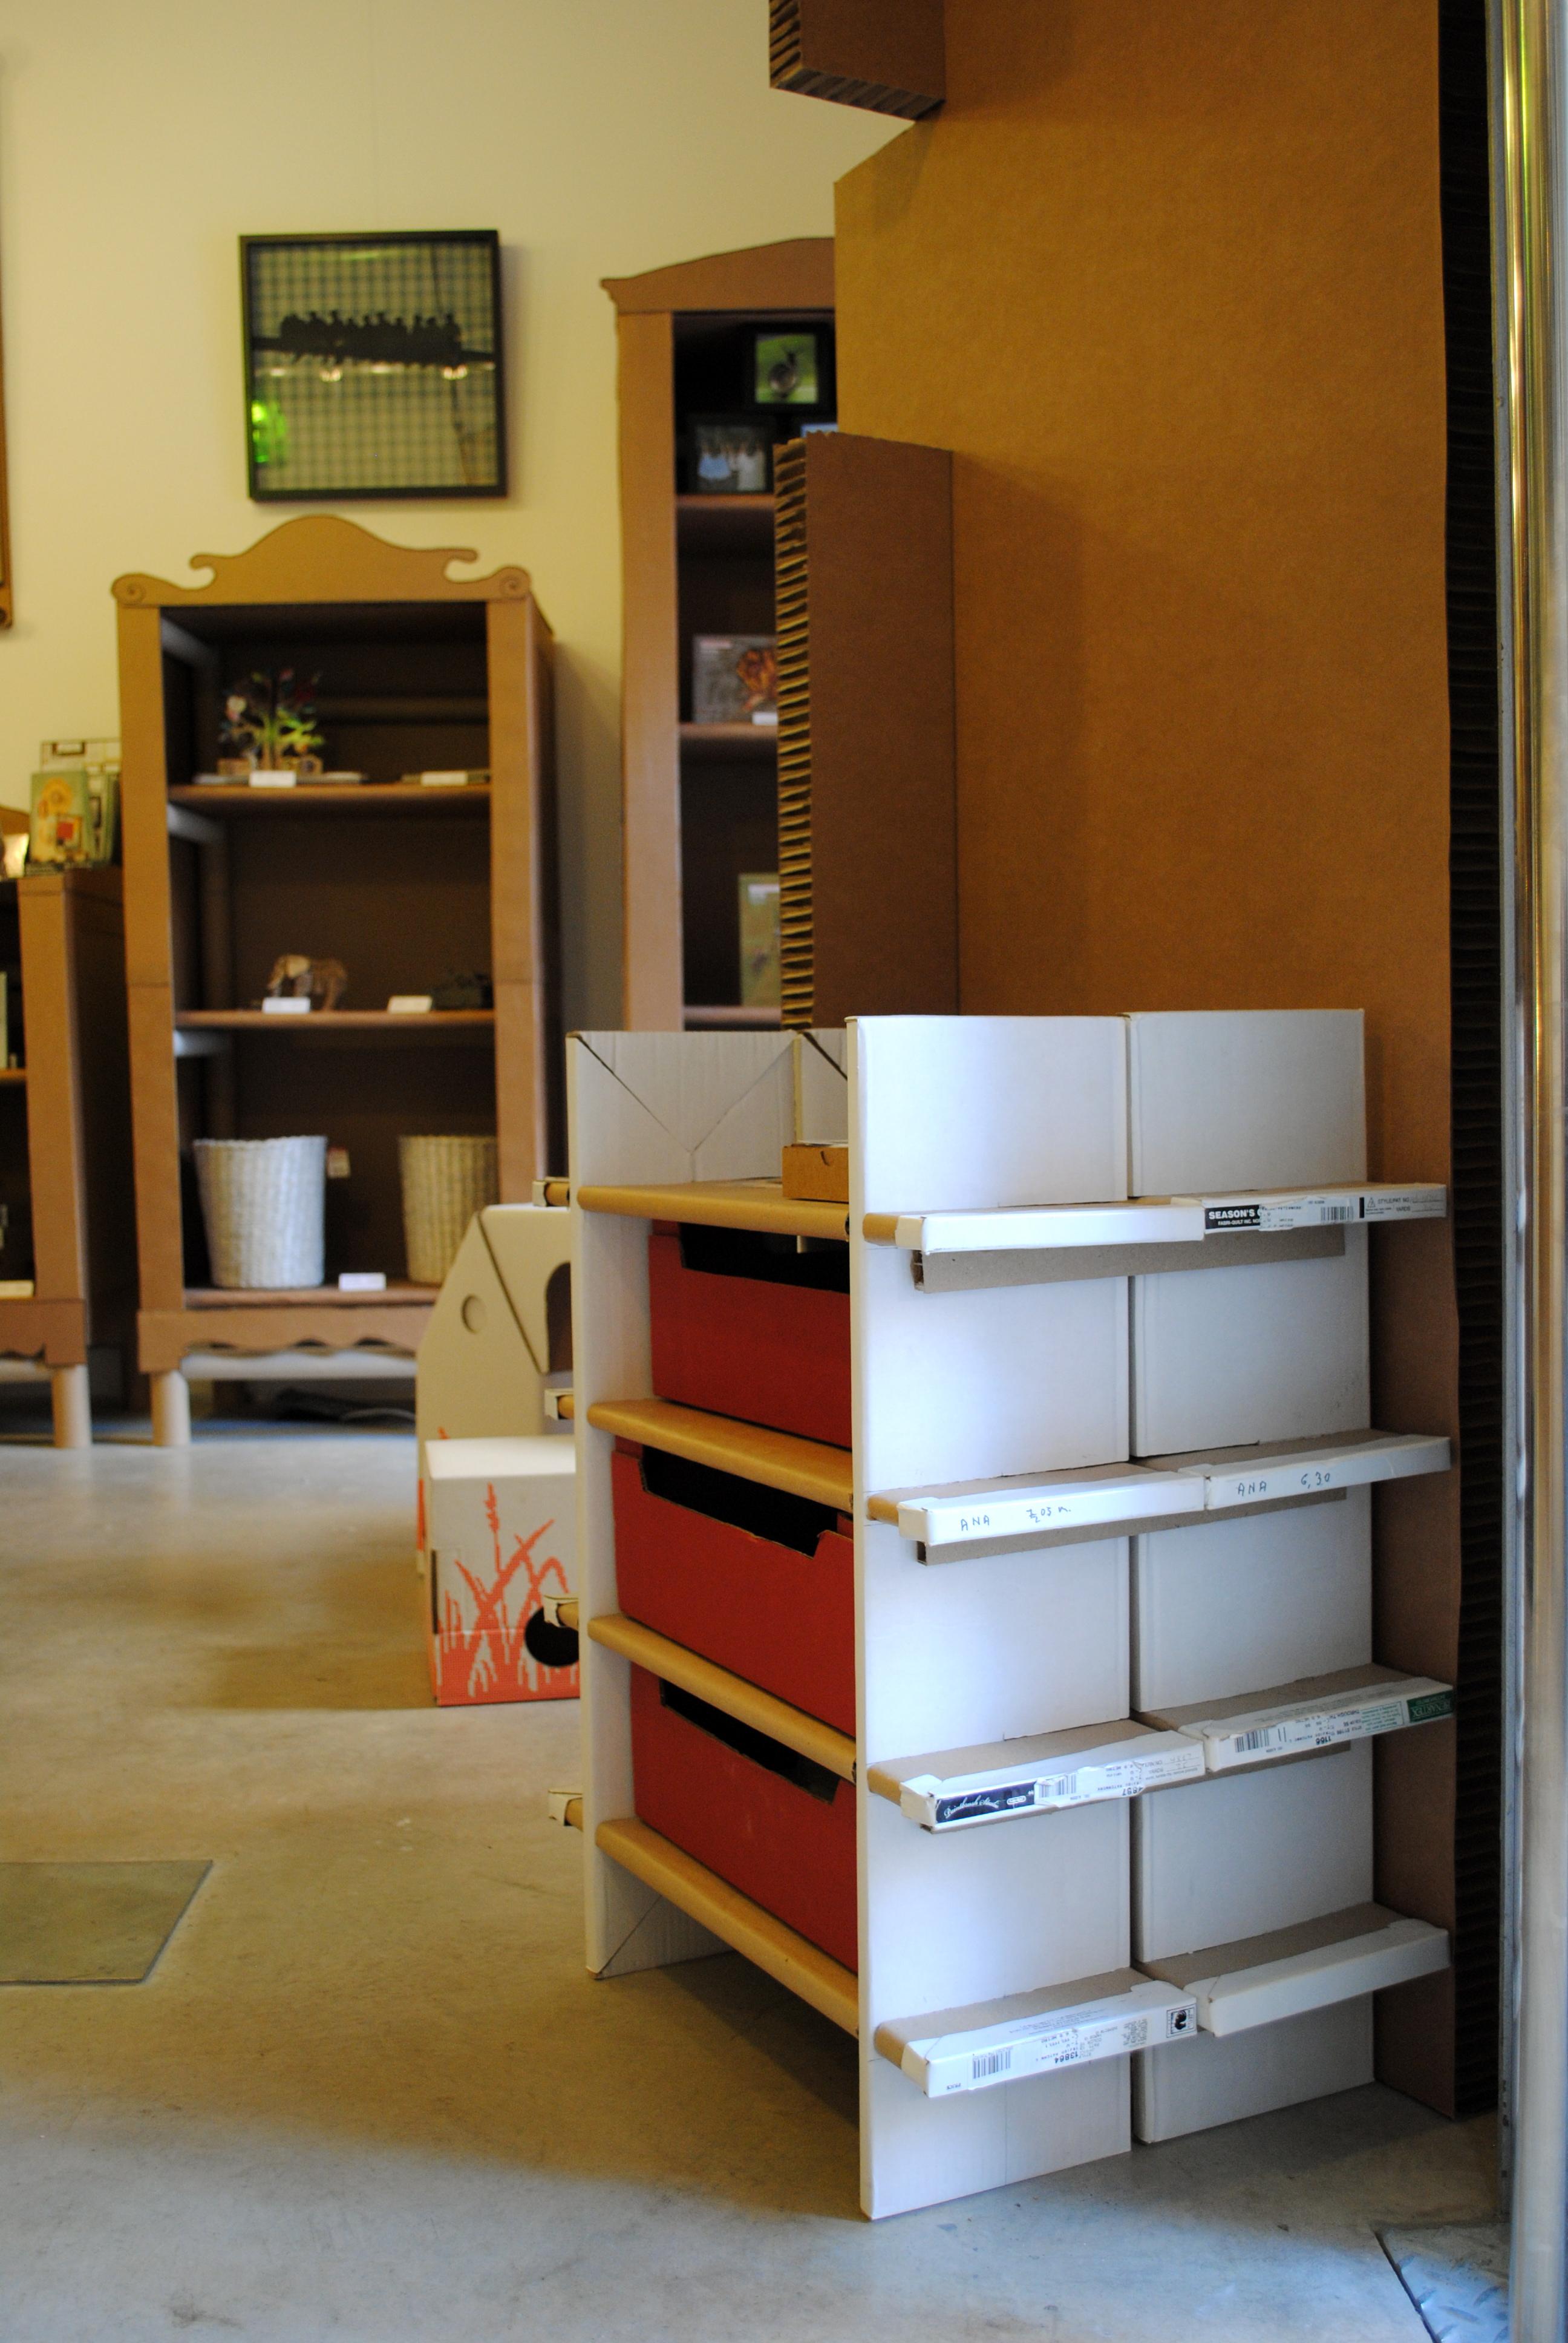 Utilisima reciclado de muebles mueblesdepalets net for Reciclado de muebles